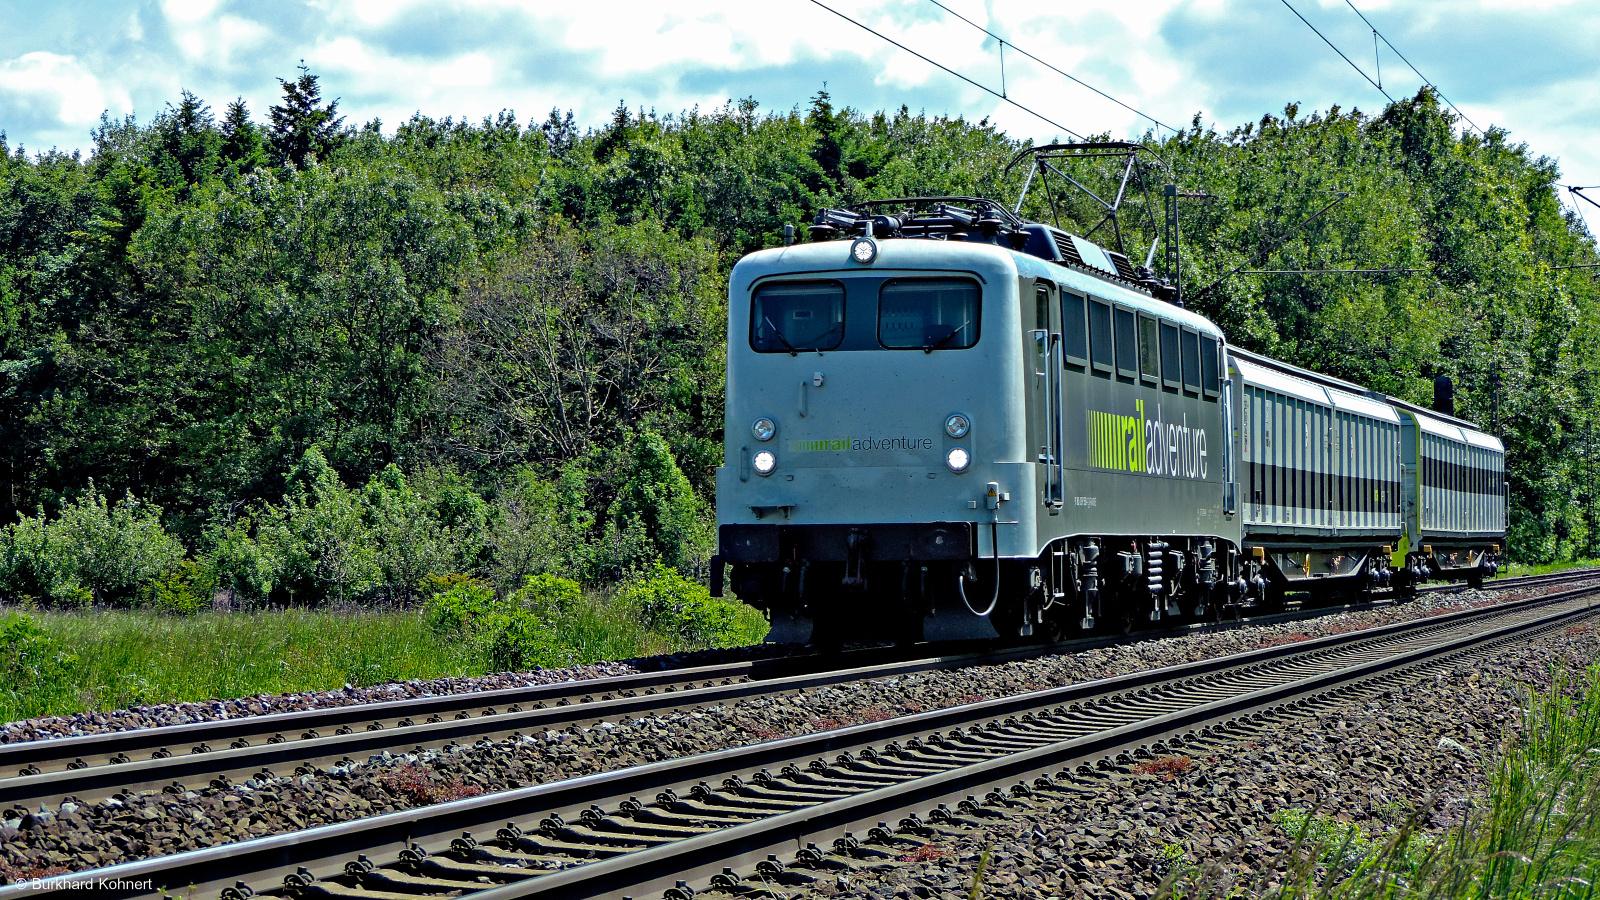 139 558 Railadventure